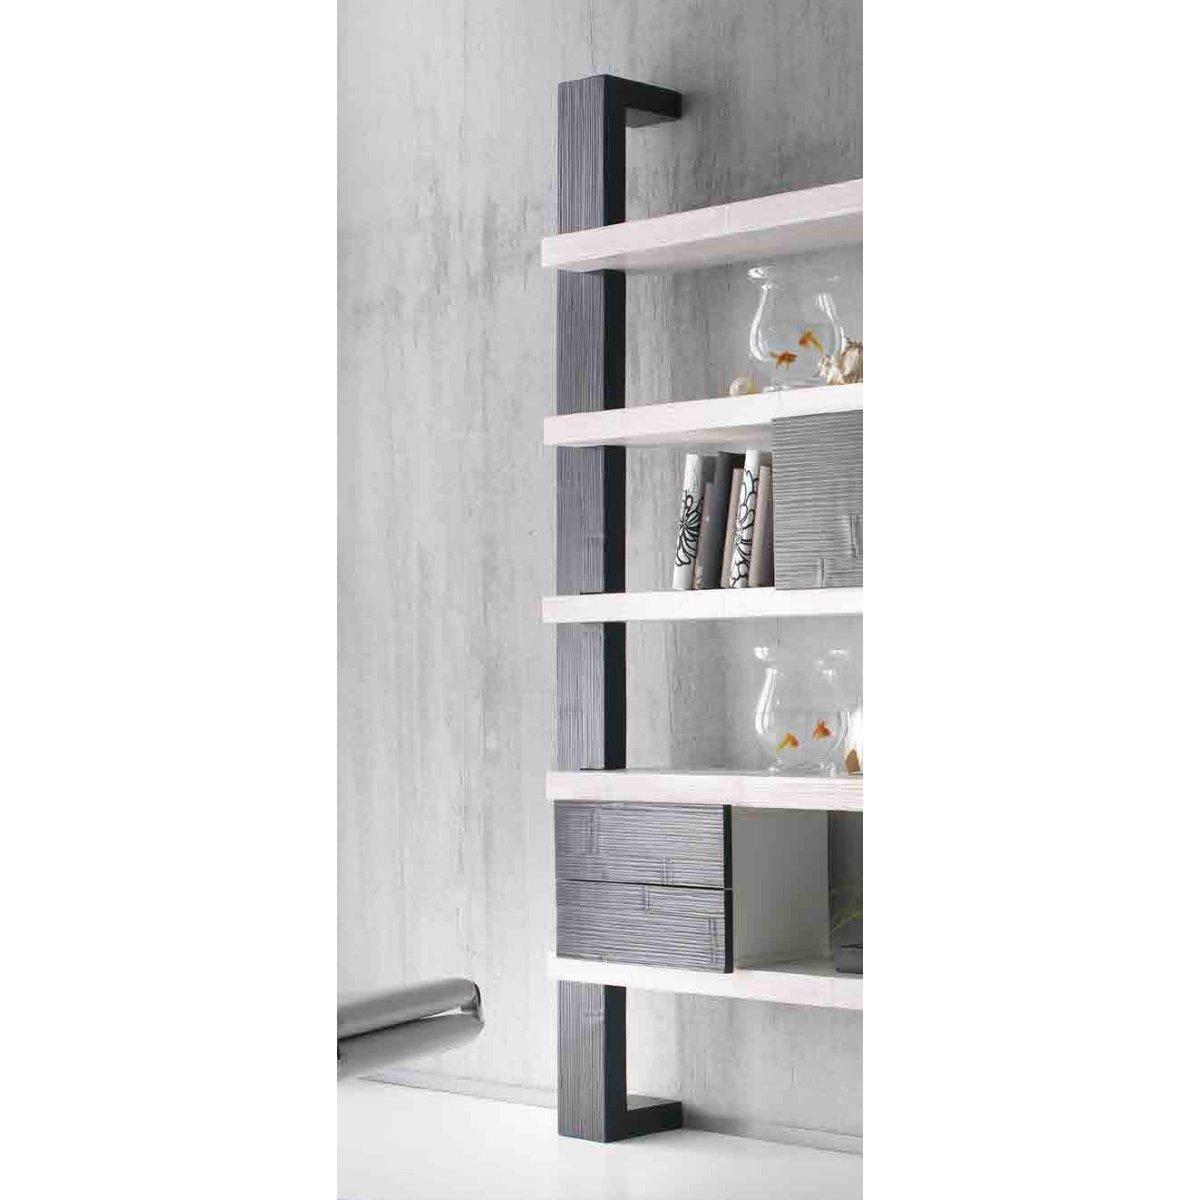 montante laterale e modulo 2 cassetti Light, mensole Essential